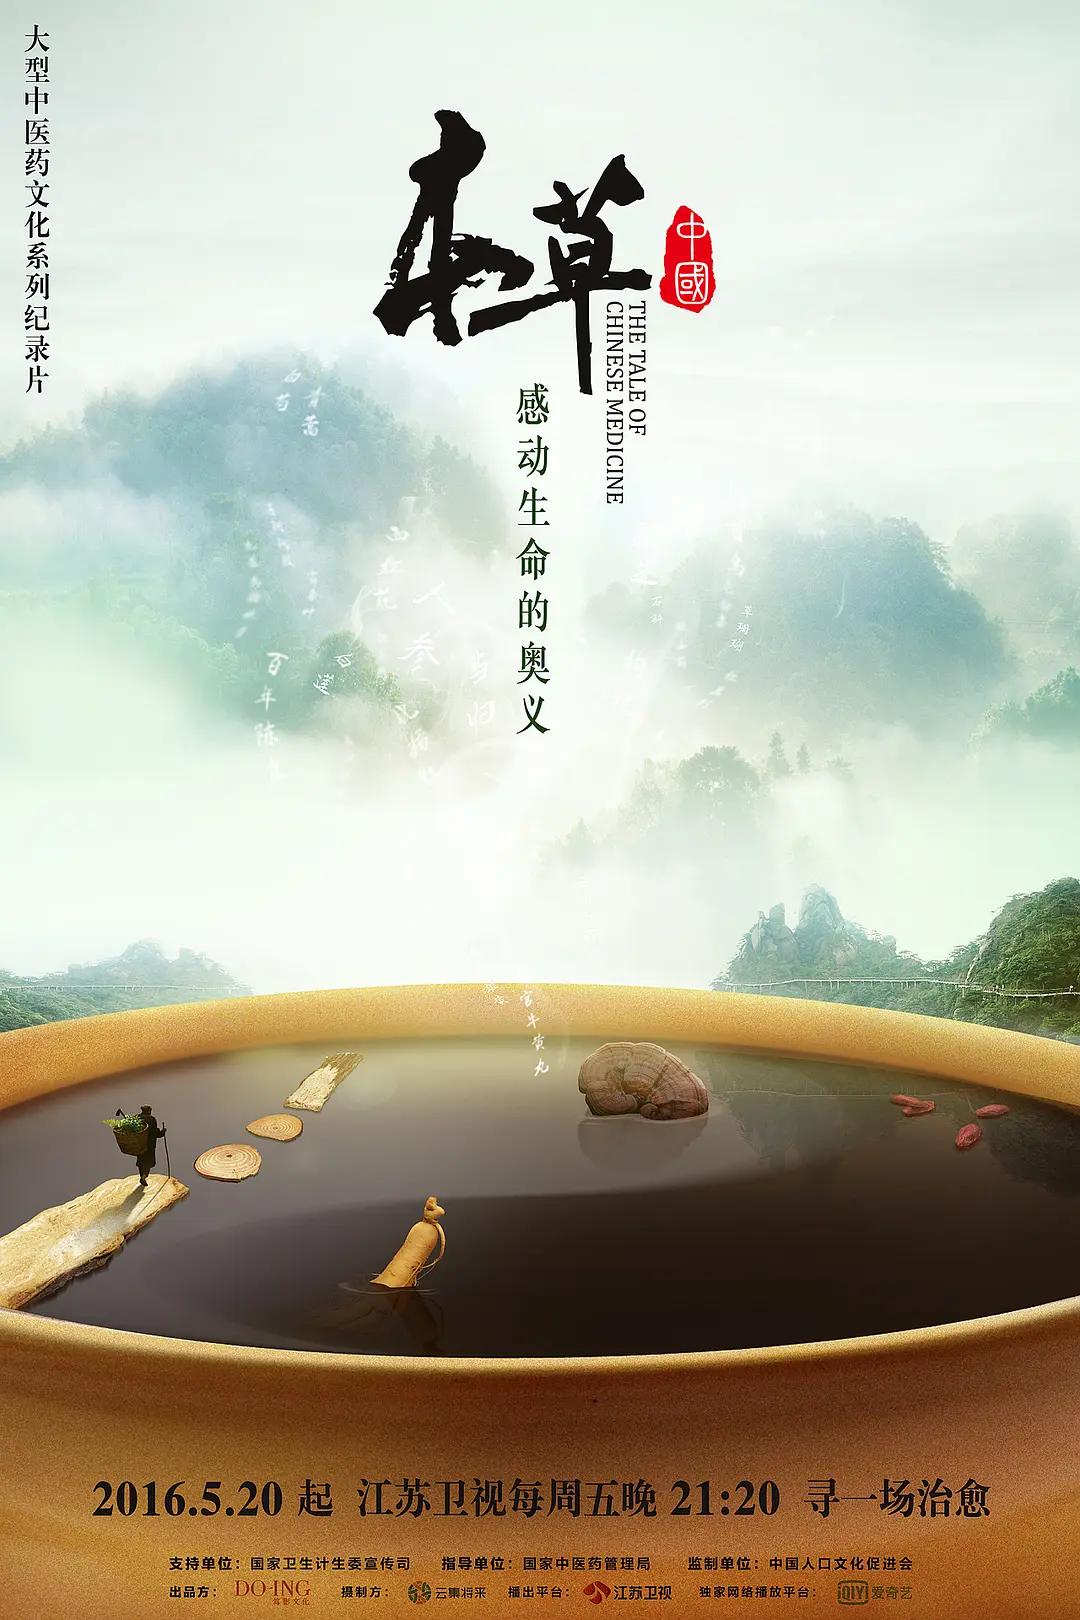 本草中国免费观看完整版 第一季海报